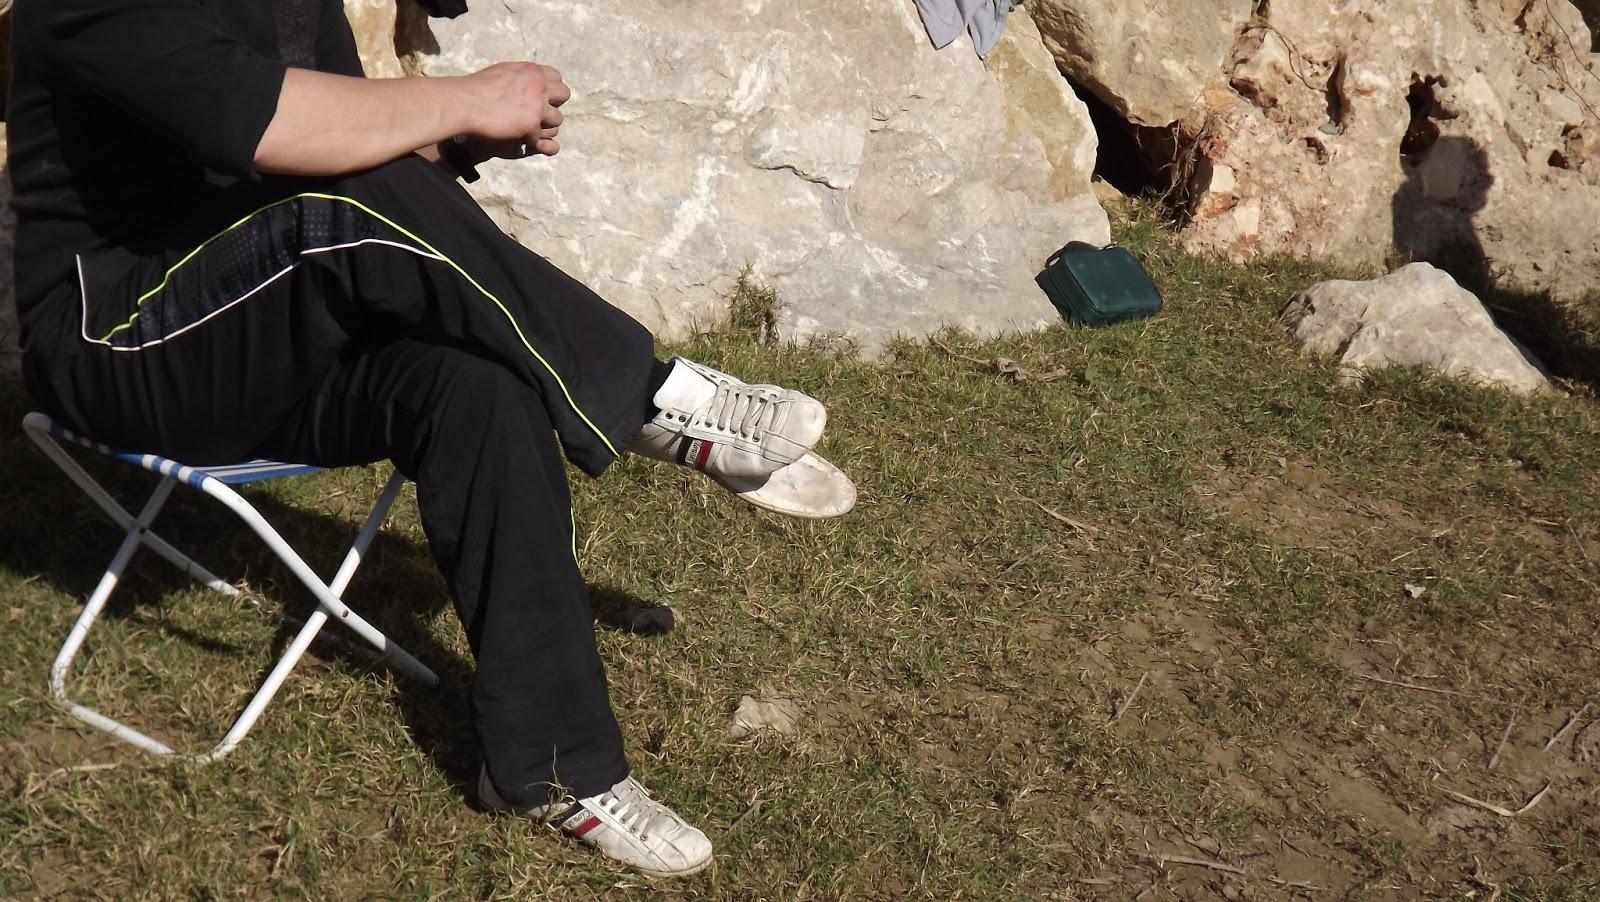 Reparar una suela despegada - Paso 1